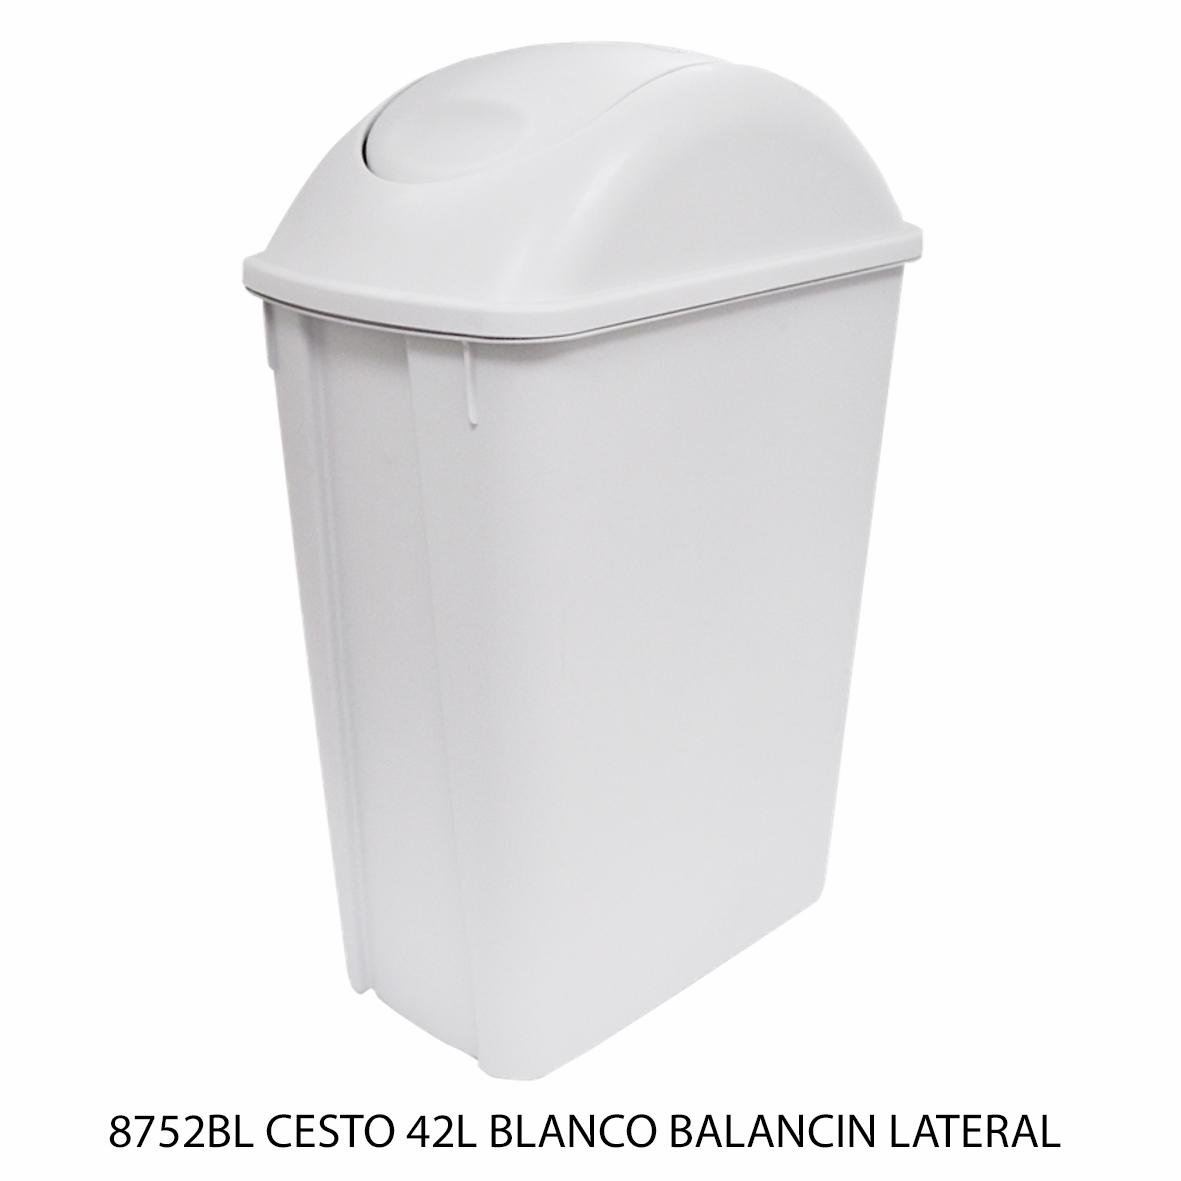 Bote de basura mediano de 42 litros con balancín lateral color blanco modelo 8752BL de Sablón